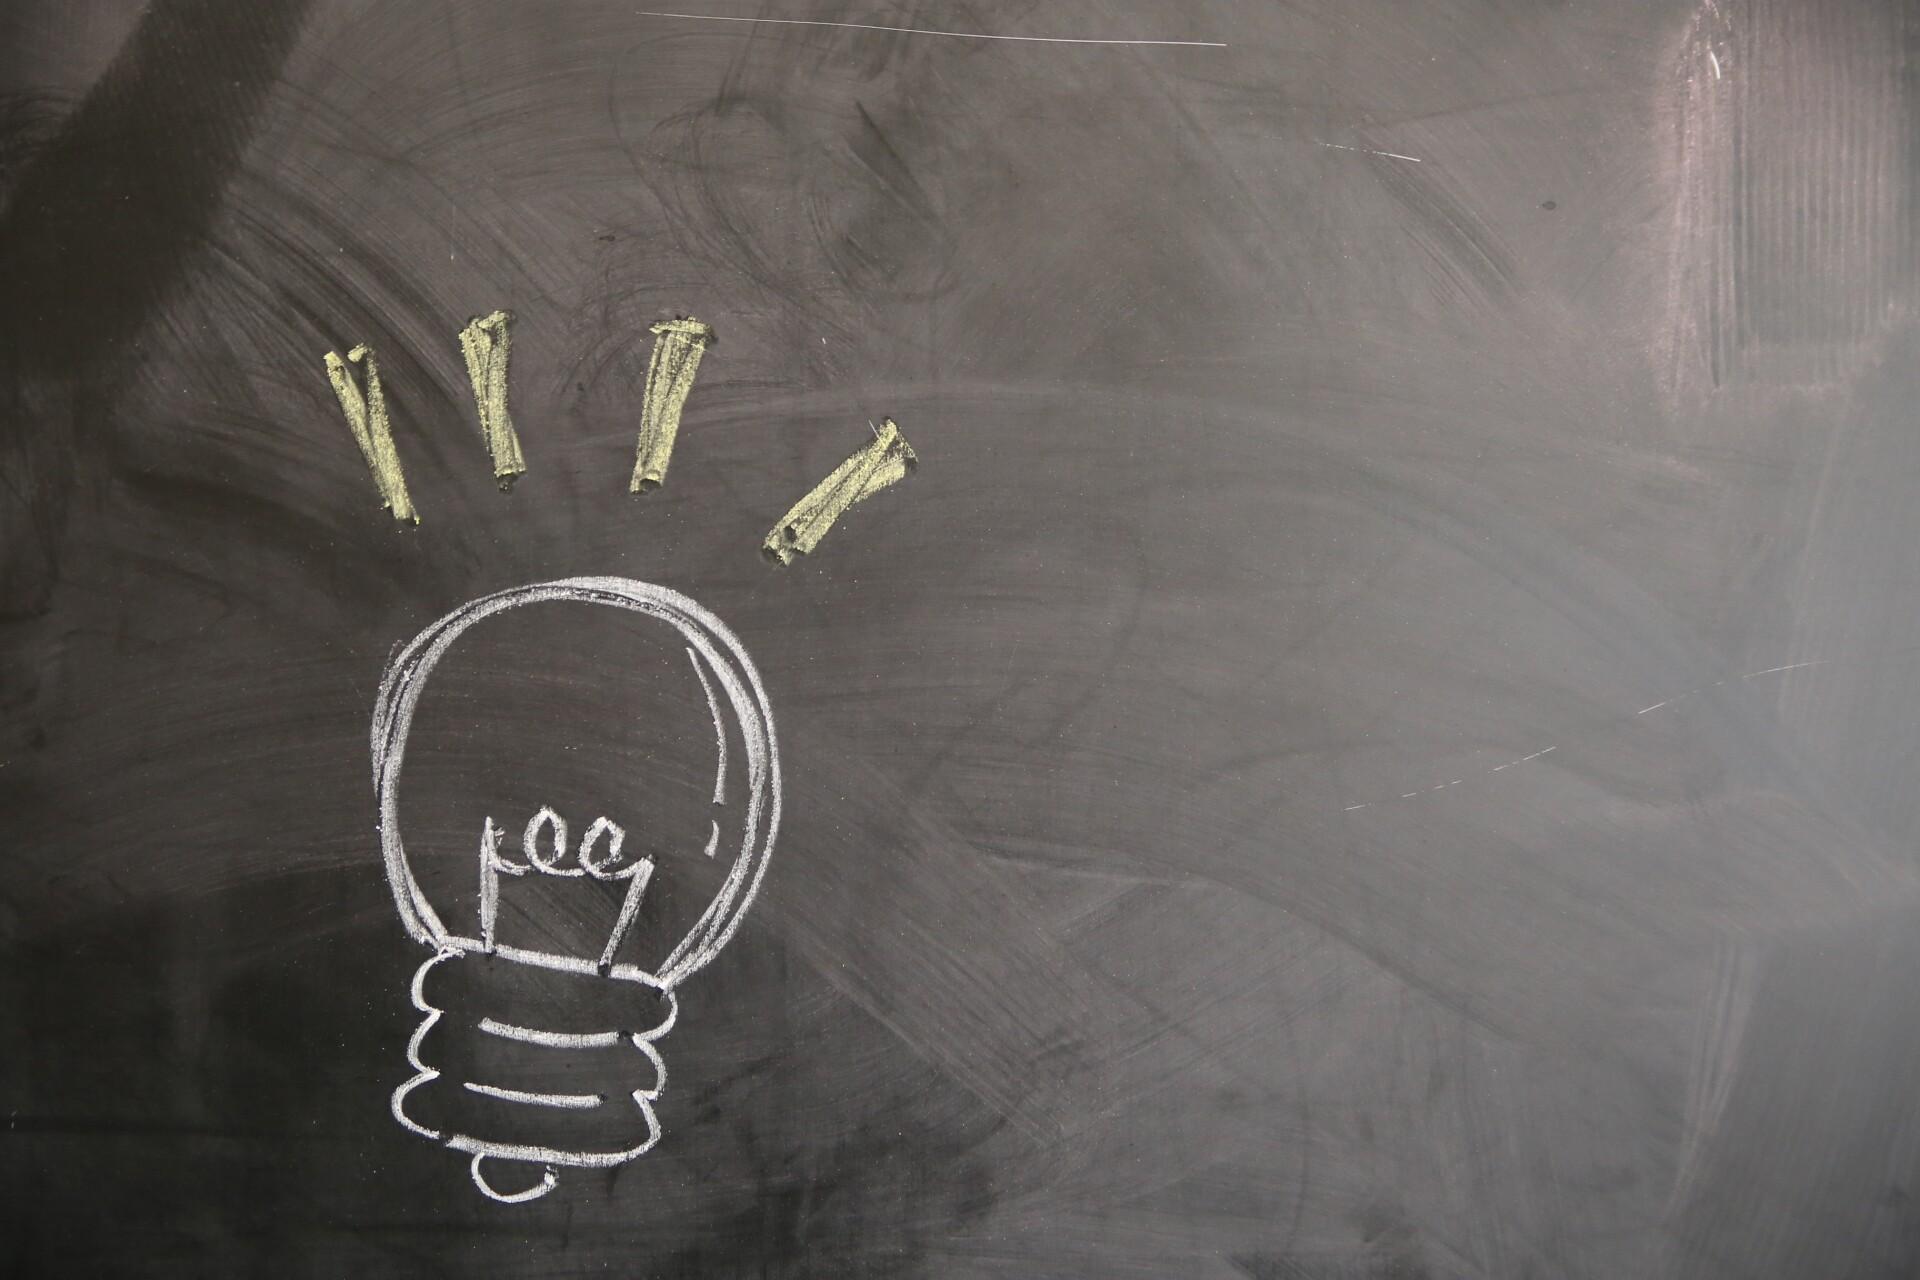 宣伝したい商品やターゲット層に合わせて、どちらの方法が有効的か検討することが重要